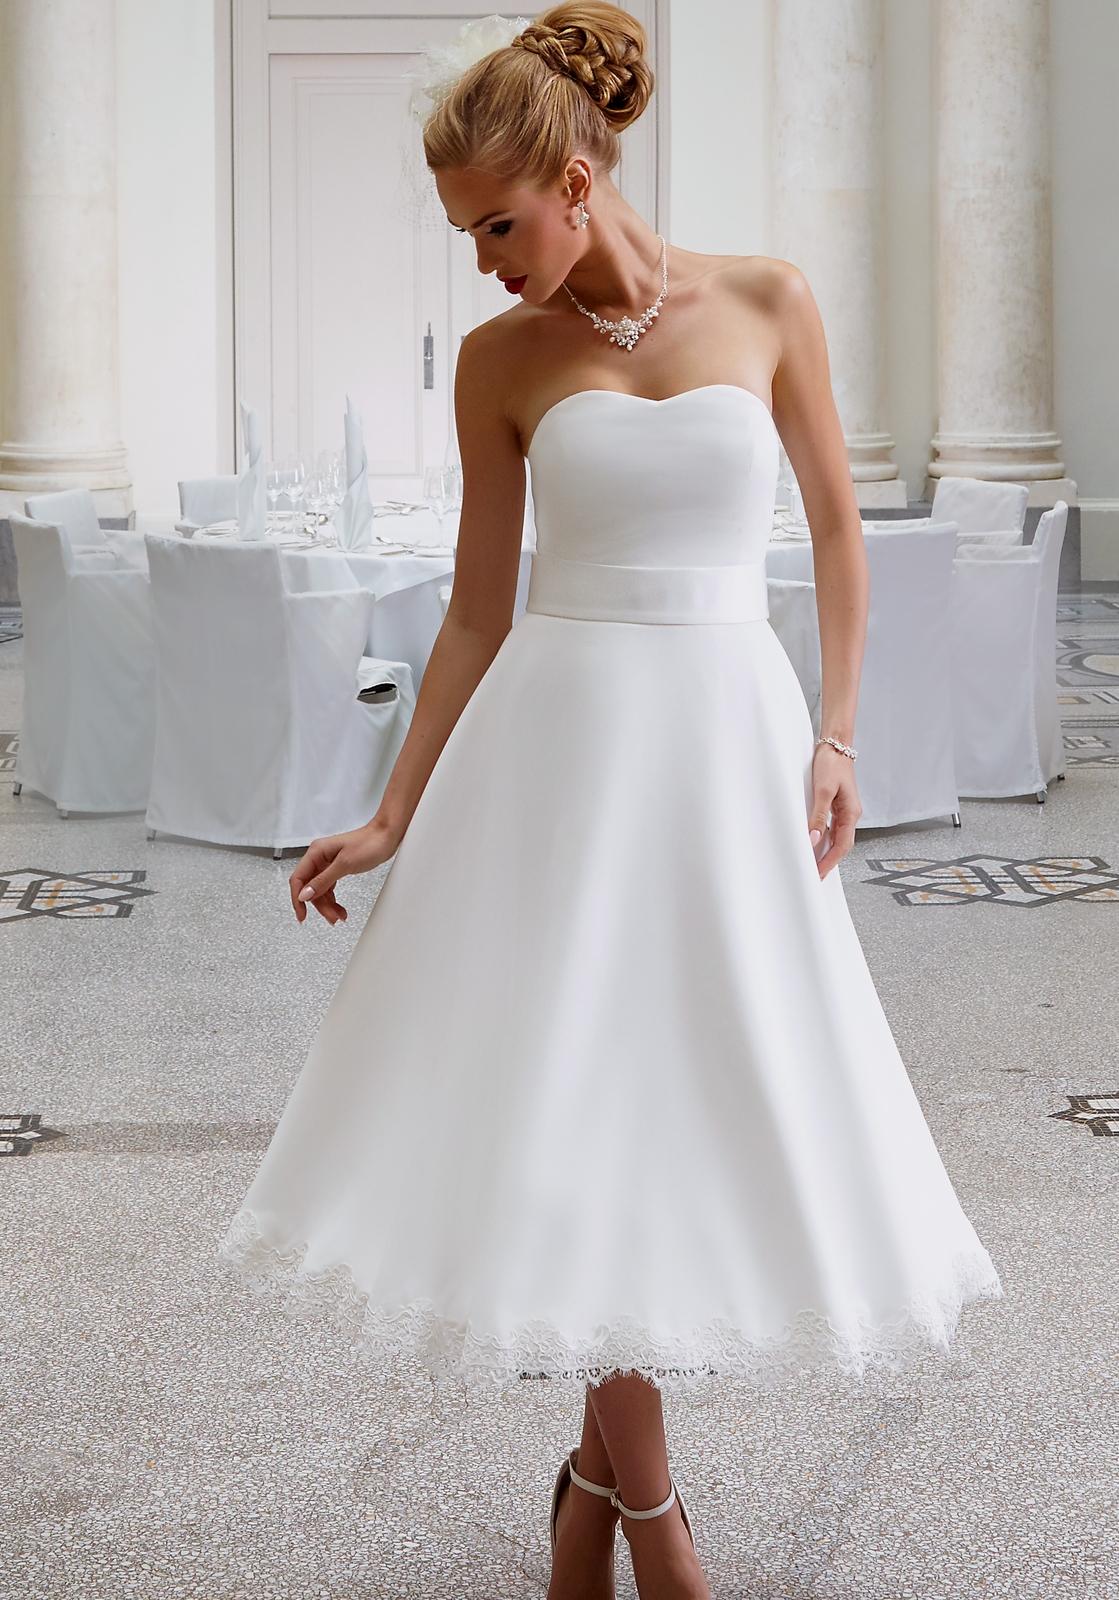 Hochzeitskleid Priska - Menü: Kurze Brautkleider